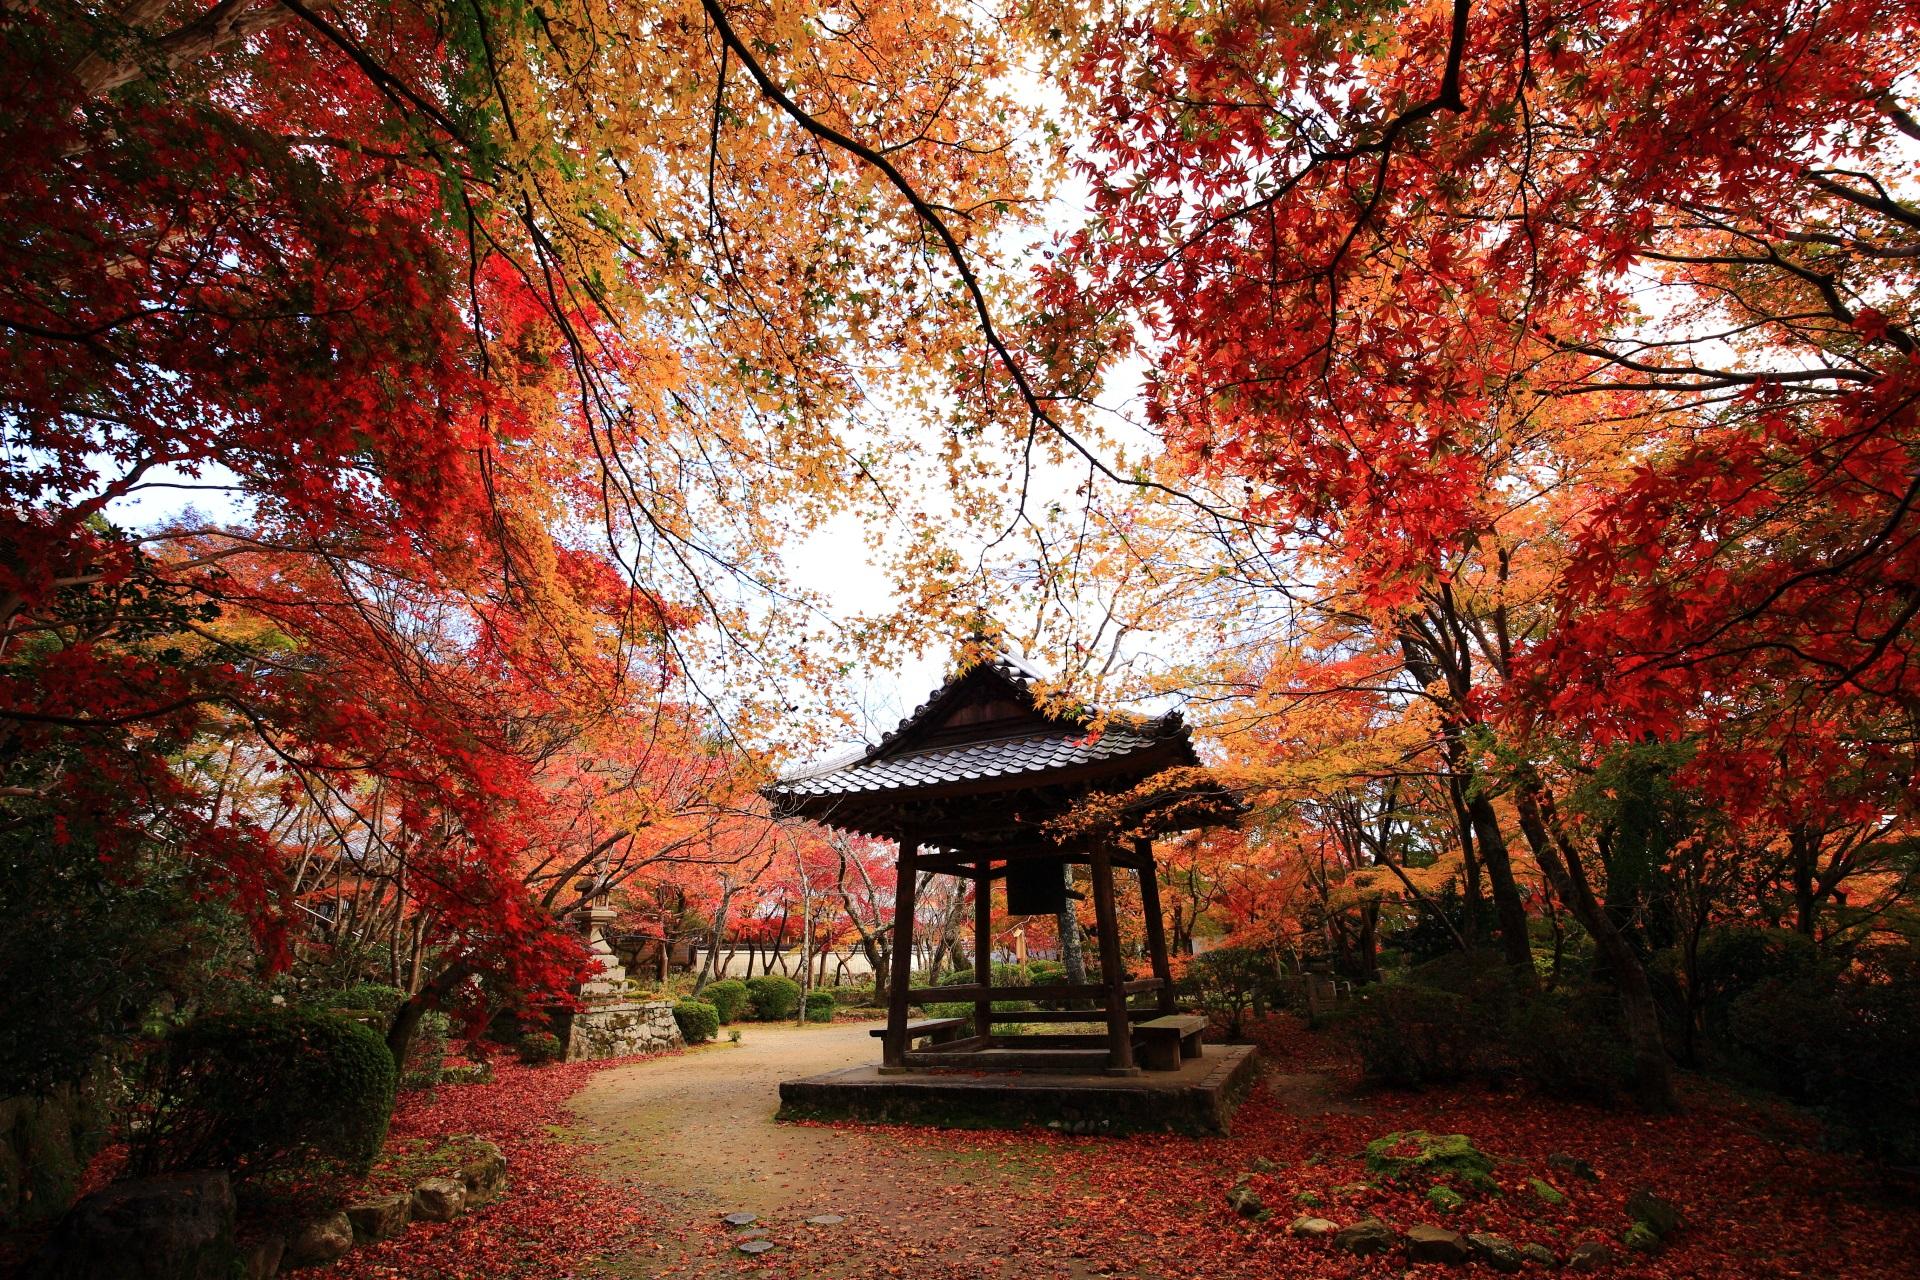 曇っている時の鐘楼を染める風情ある秋の彩り